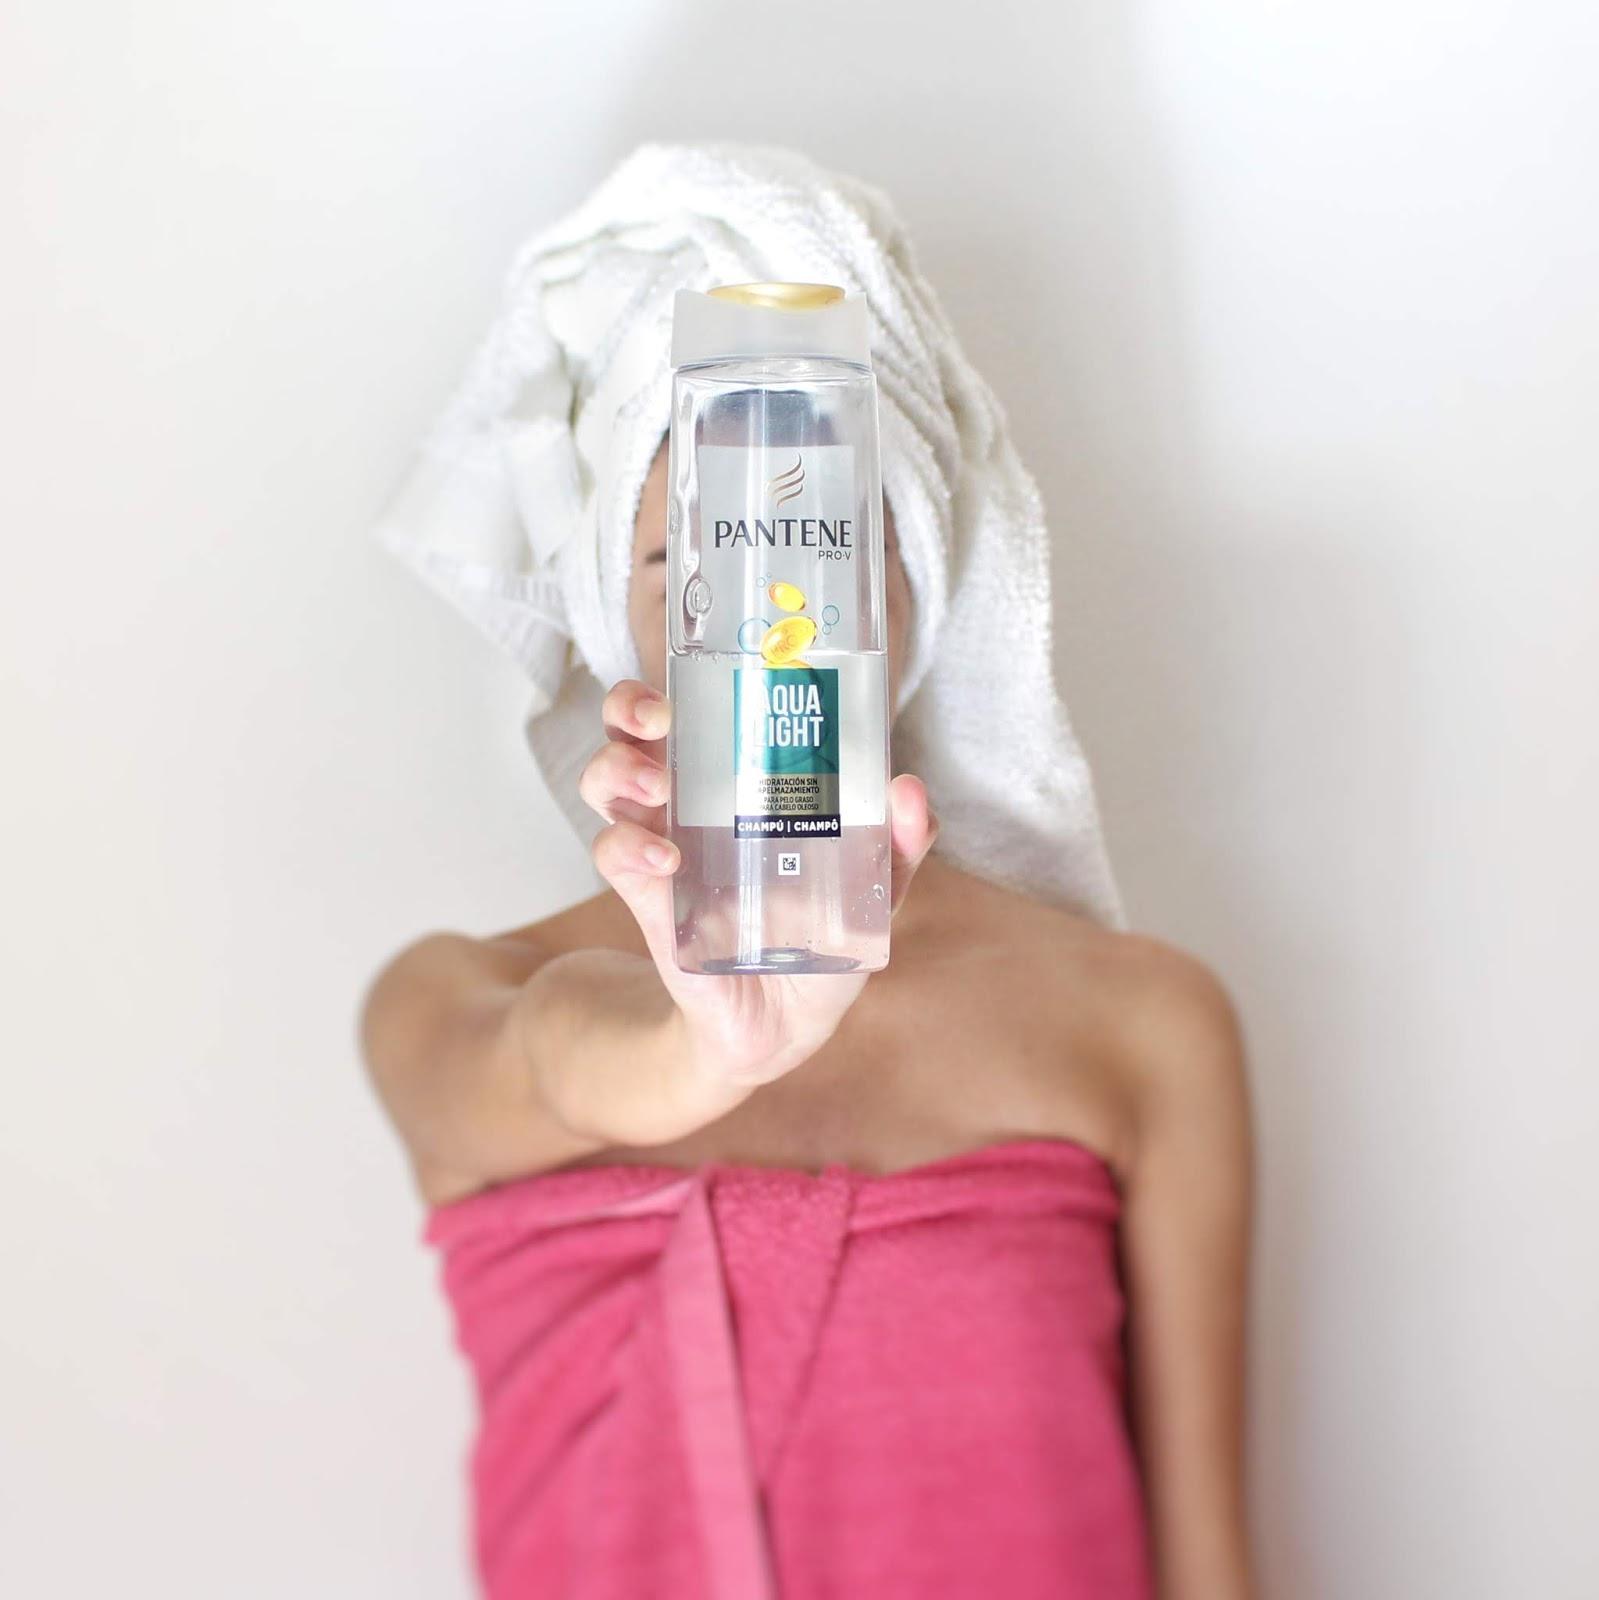 Melhor champô para cabelo oleoso: AQUA LIGHT Pantene